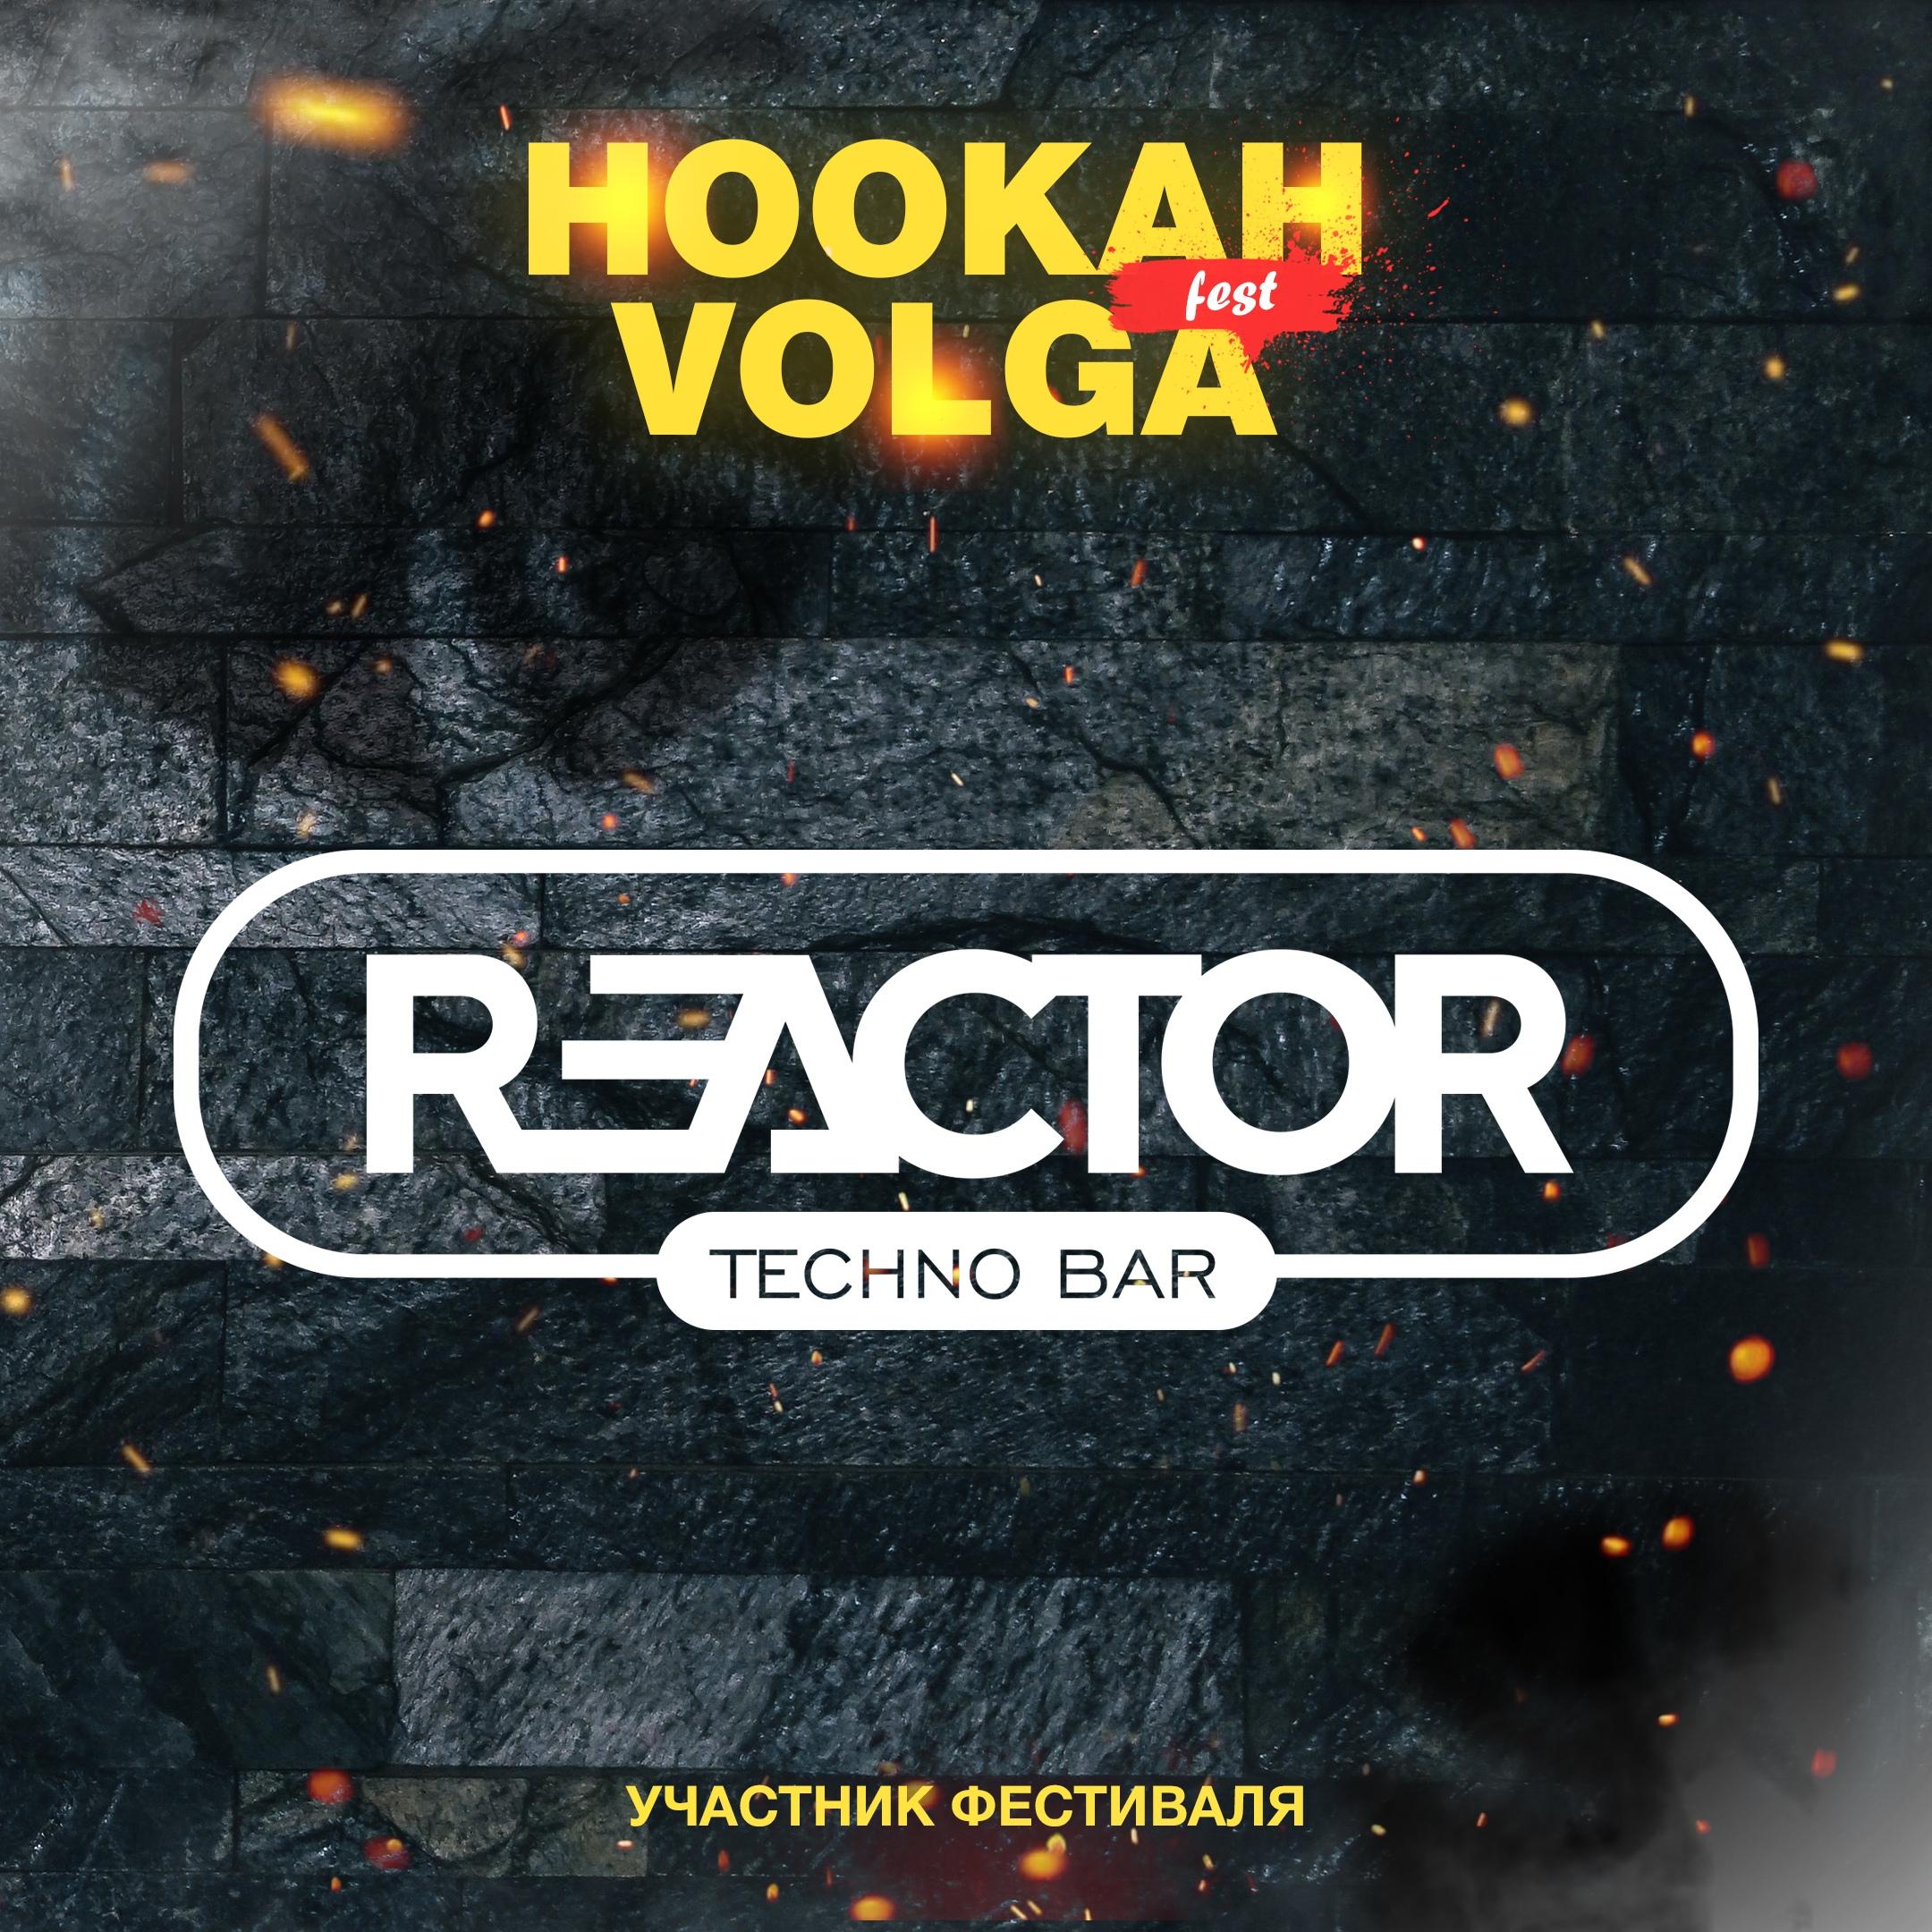 Lounge bar, бар, кальянная «Reactor Techno Bar» - Вконтакте